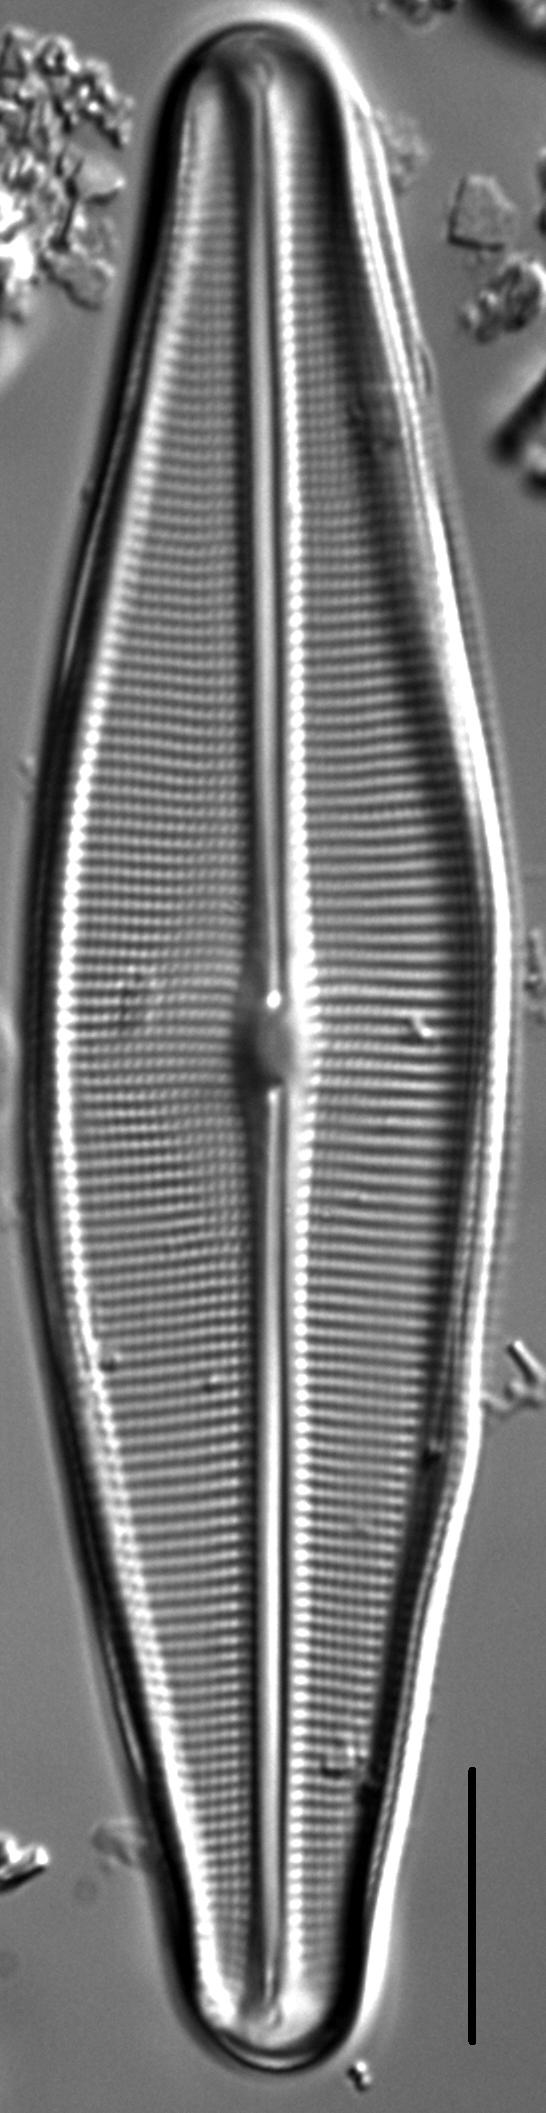 Craticula sardiniana LM4